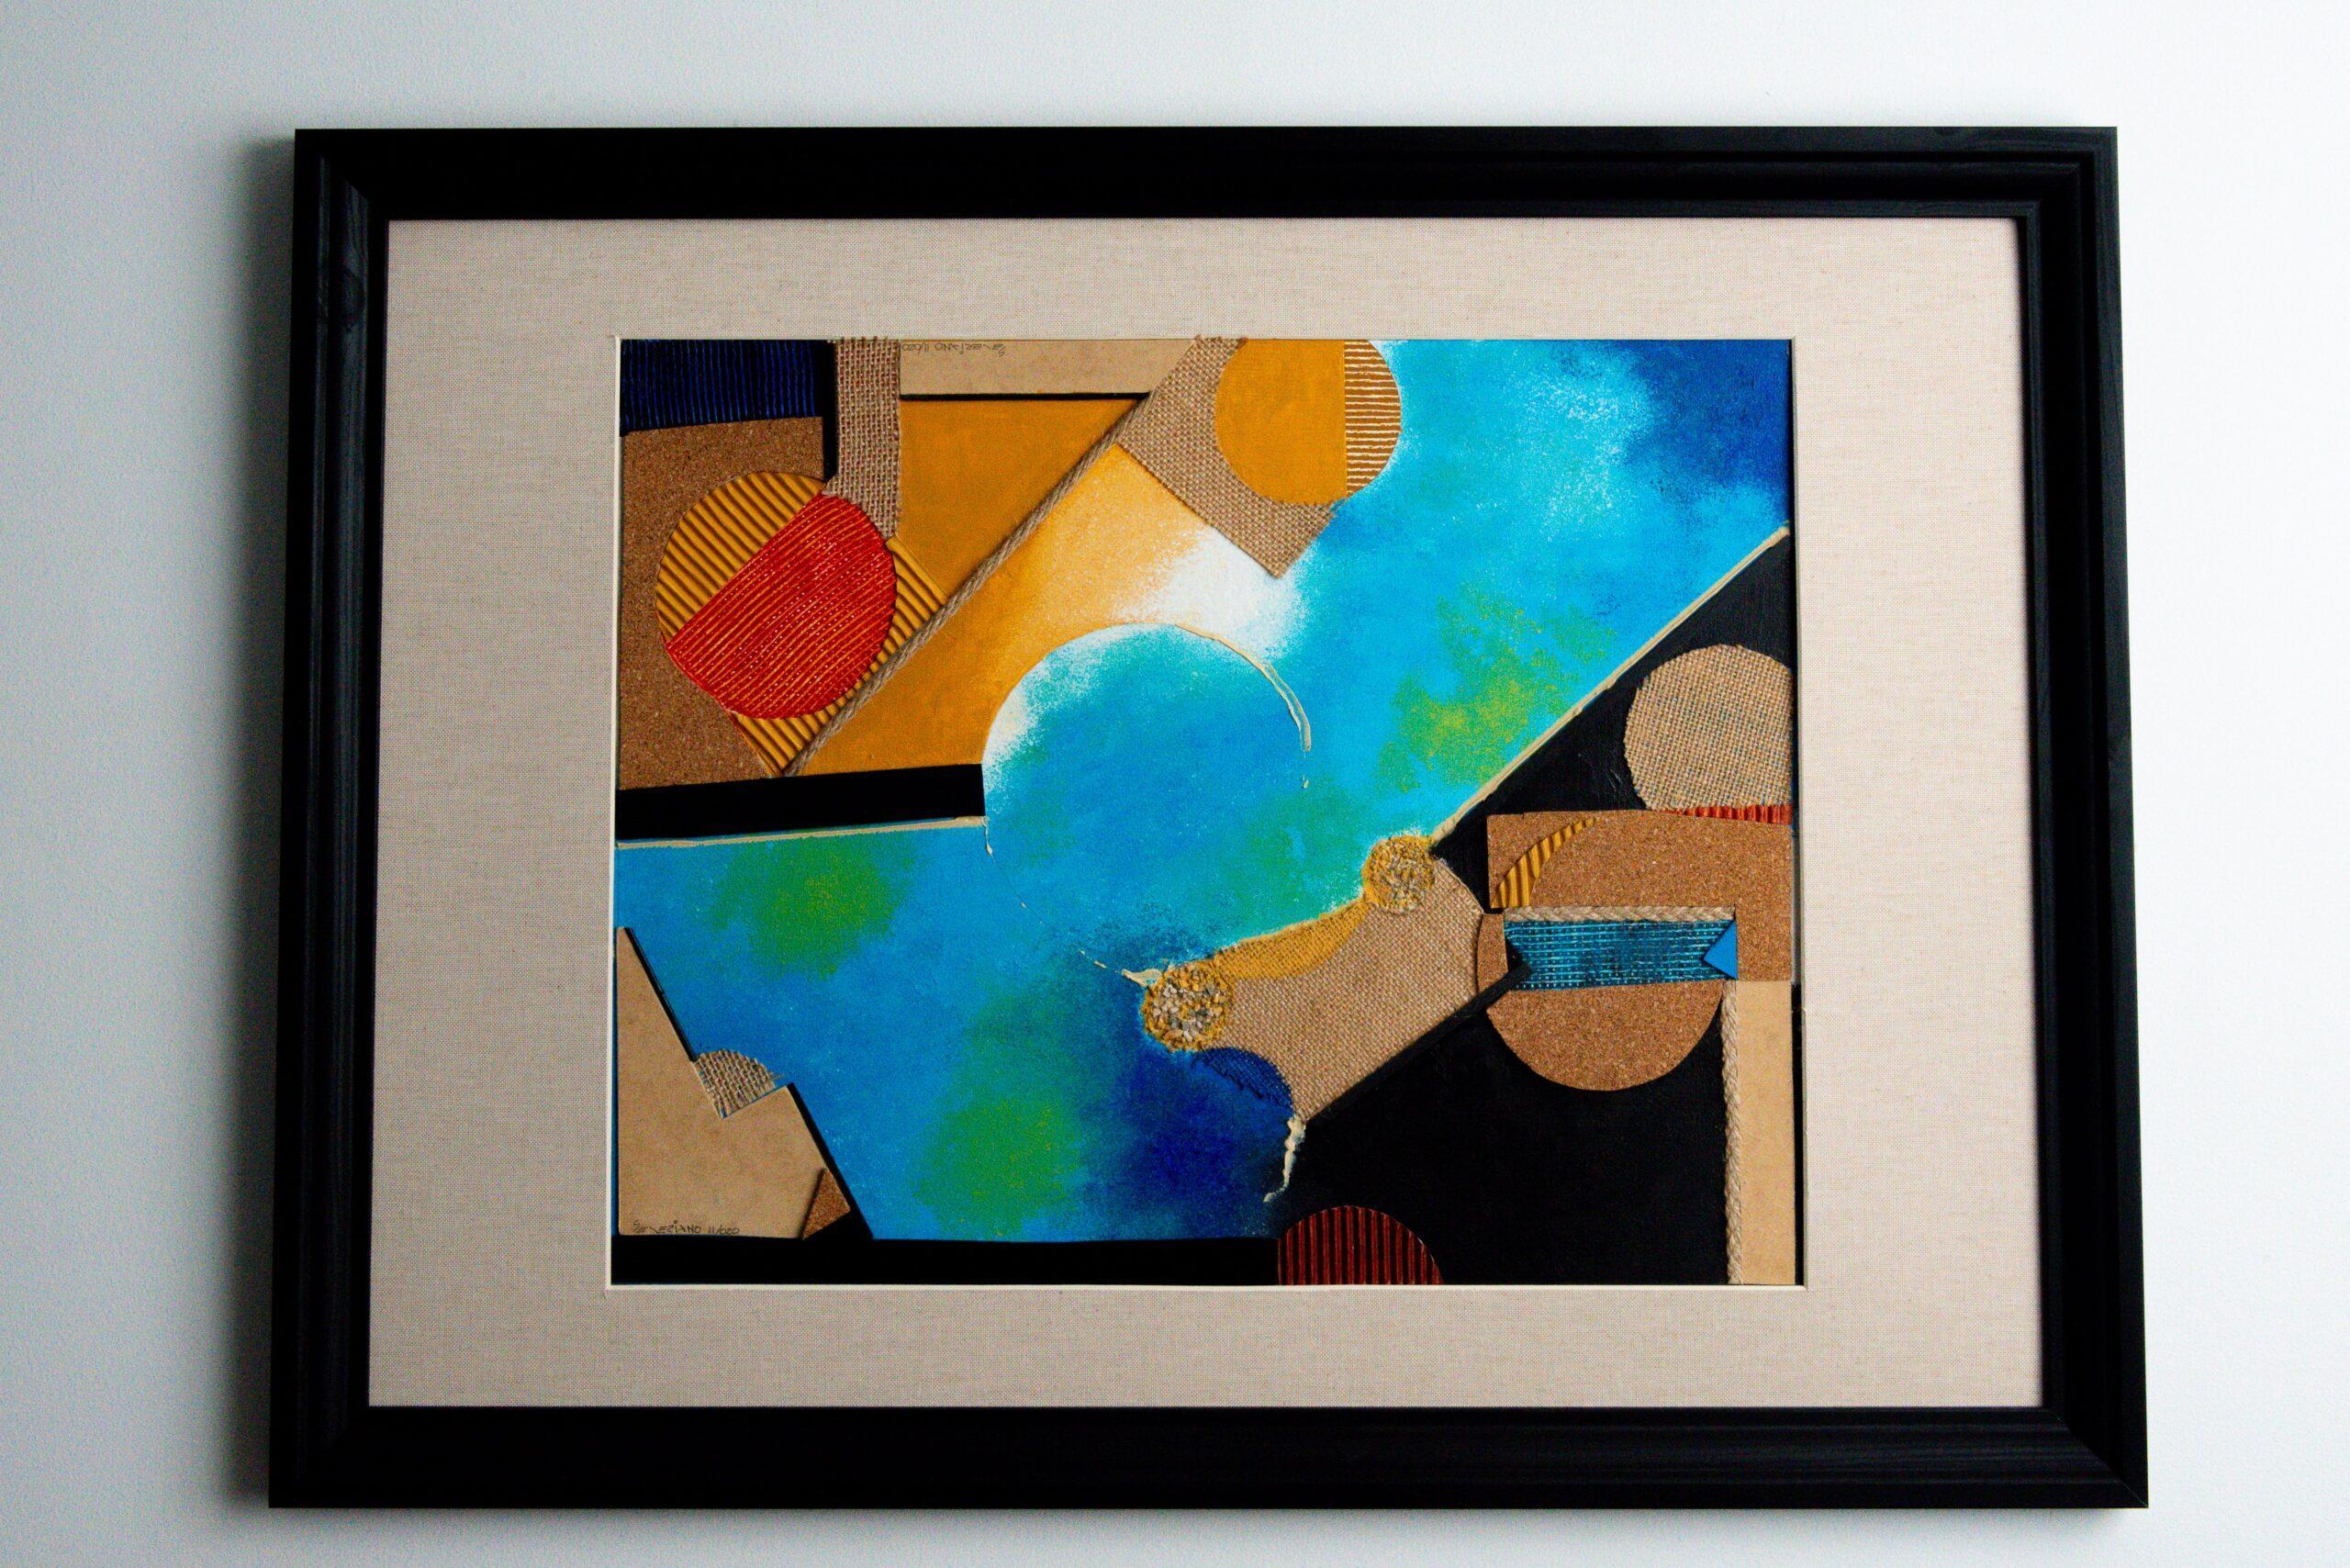 Obras de Arte e Quadros de José Severiano Nuvem Campestre